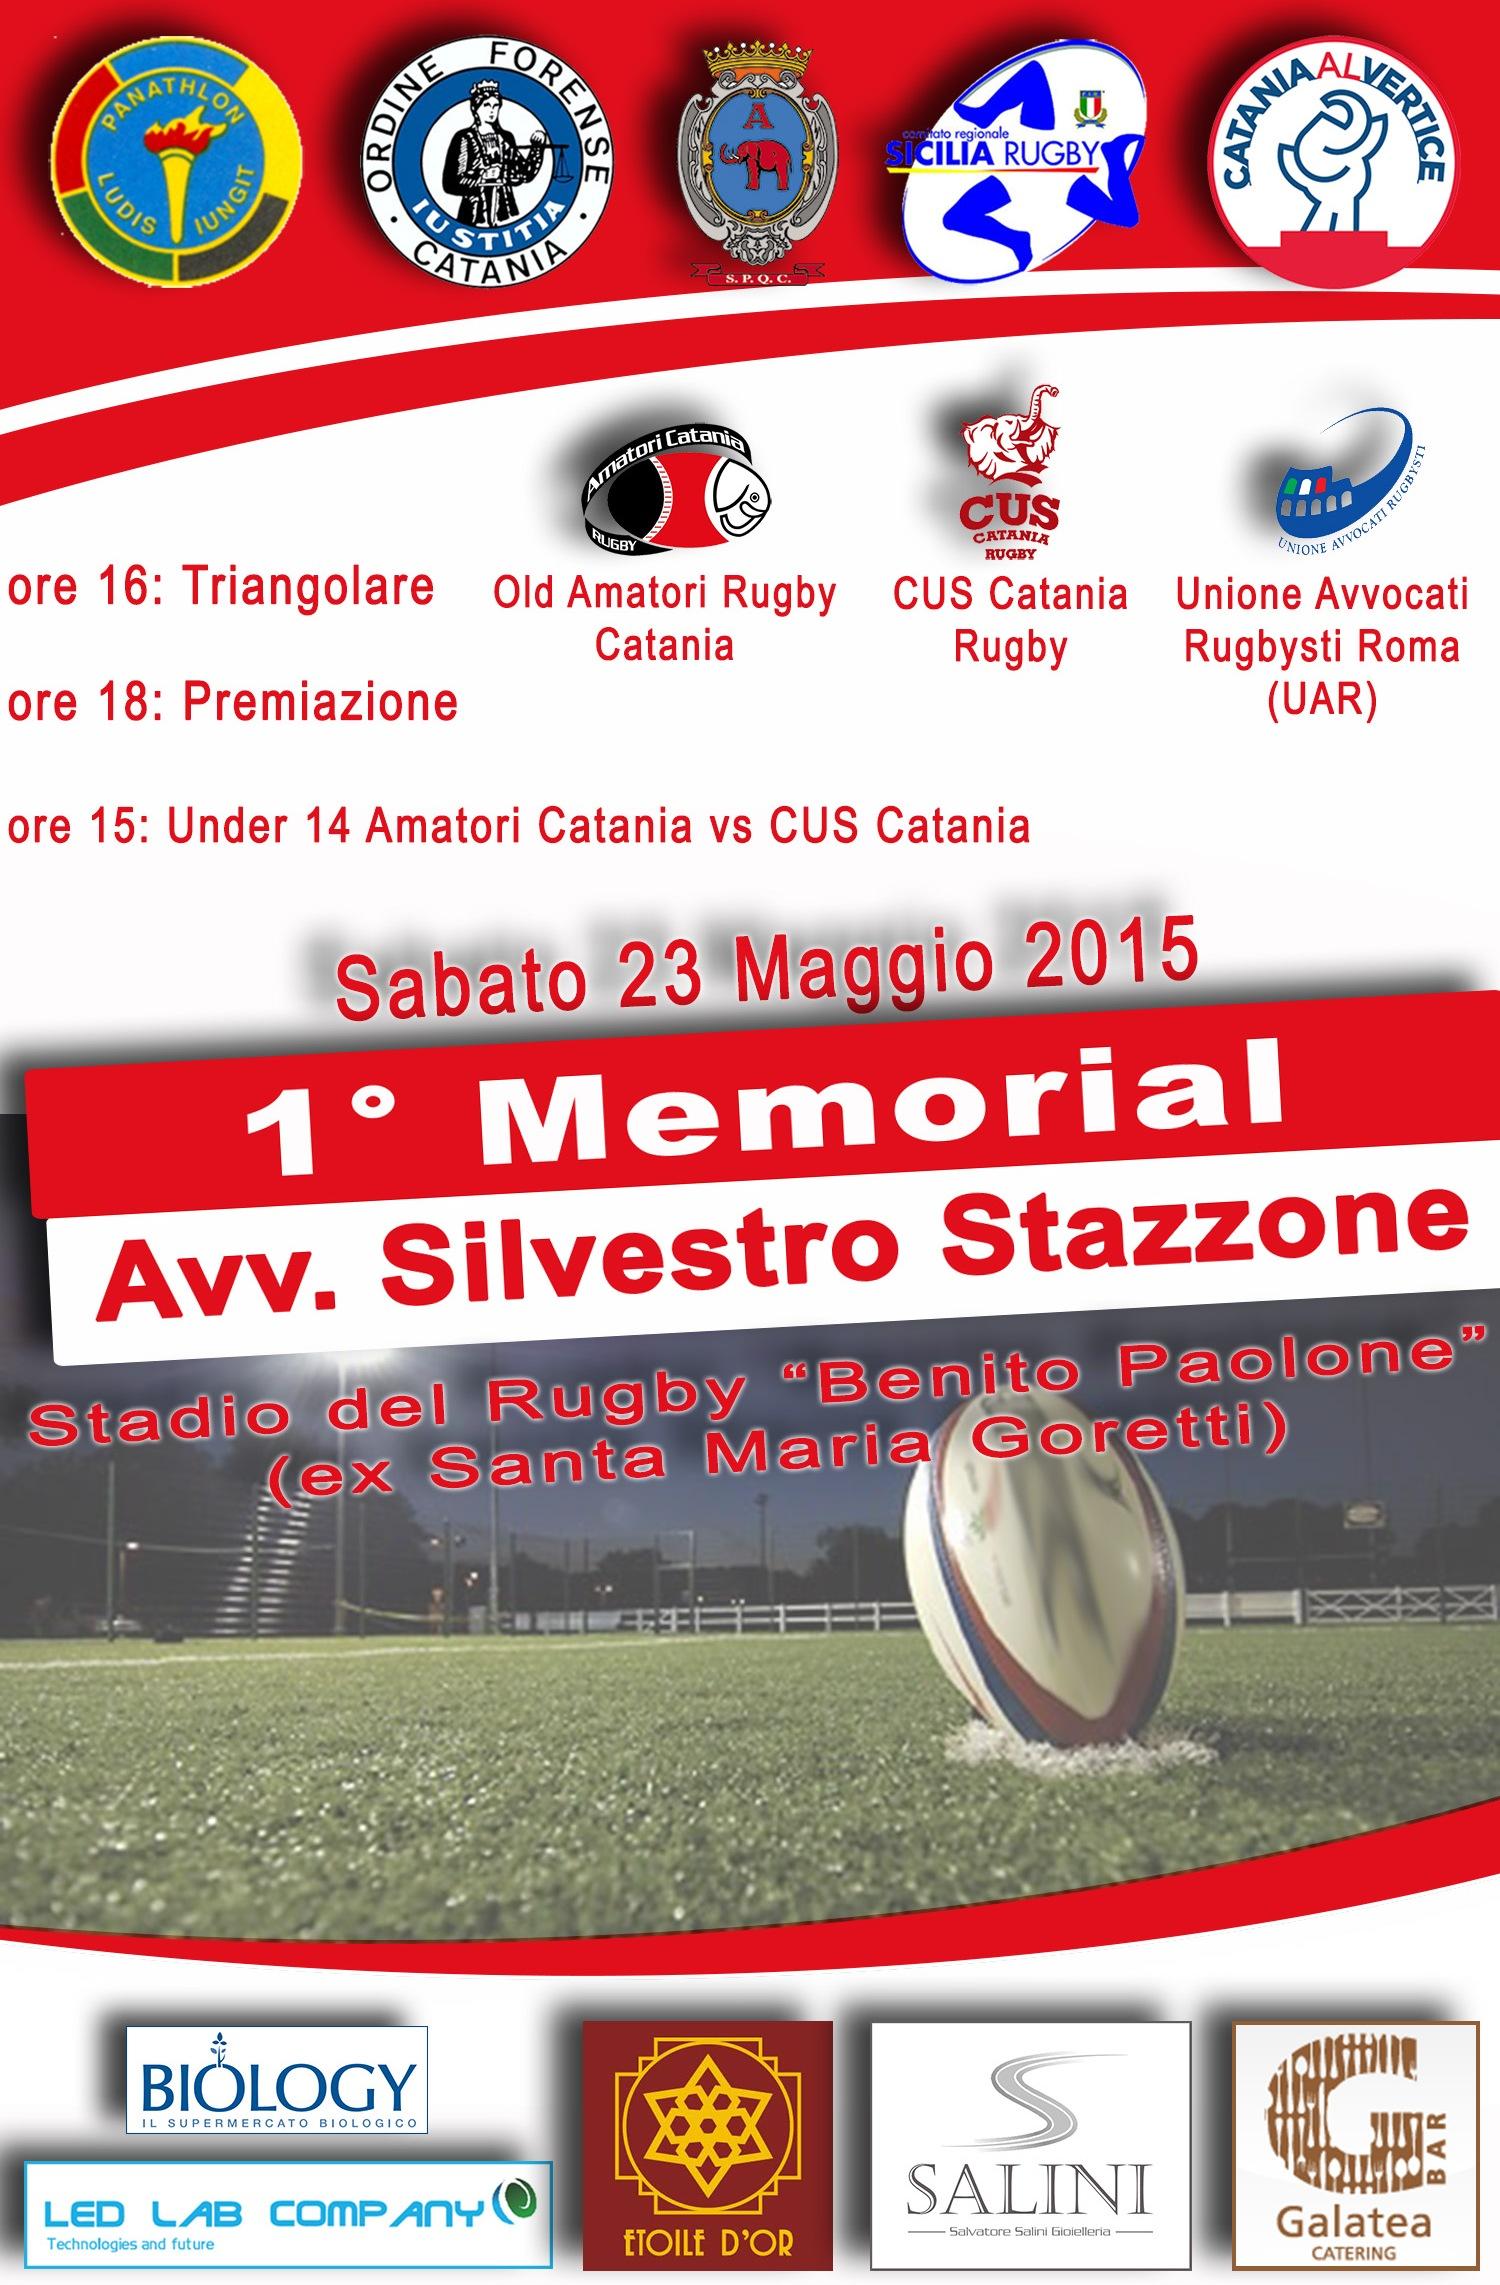 1^ Memorial Avv Silvestro Stazzone